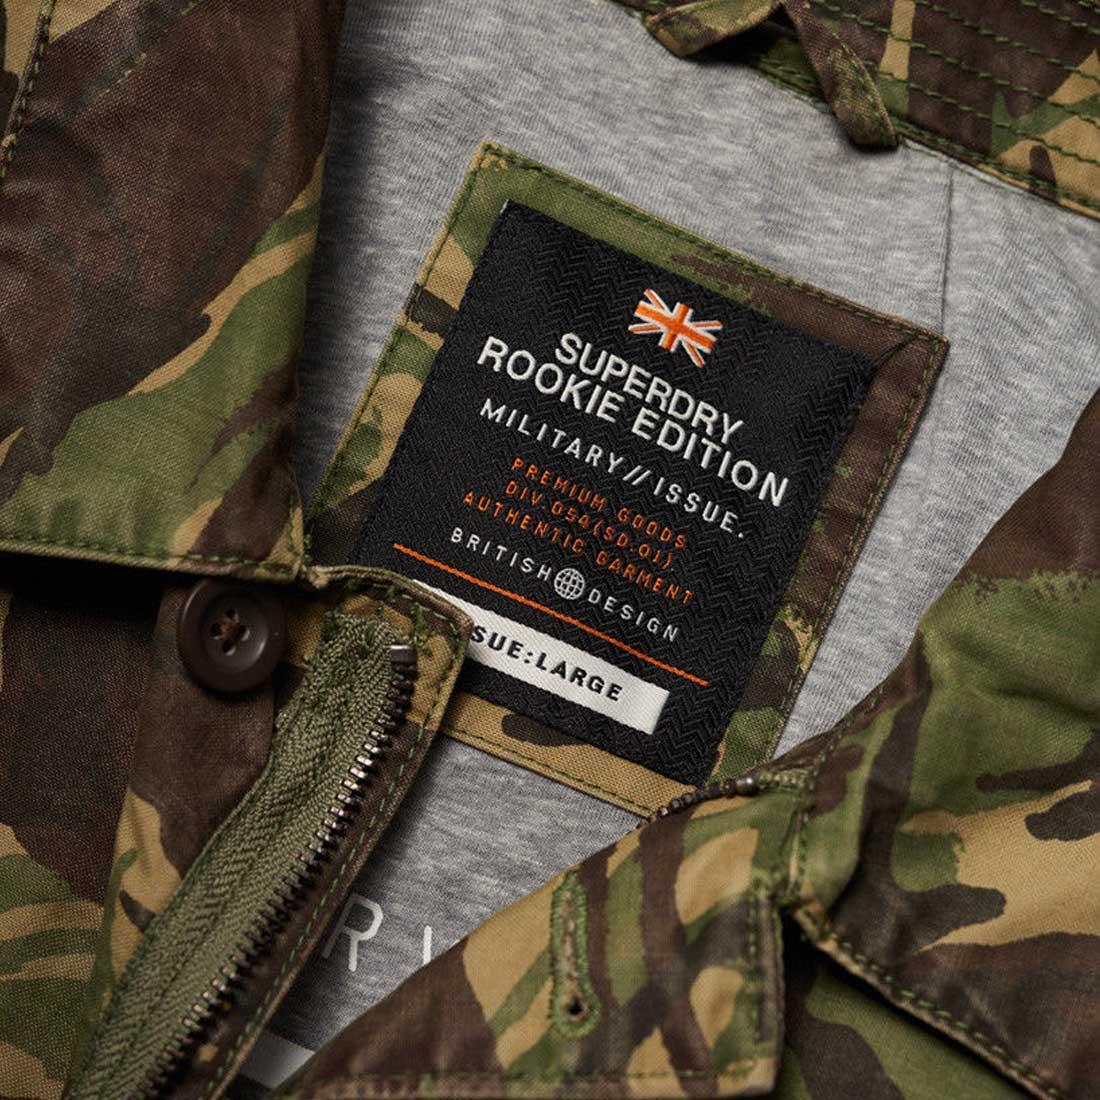 Superdry Rookie Deck Jacket